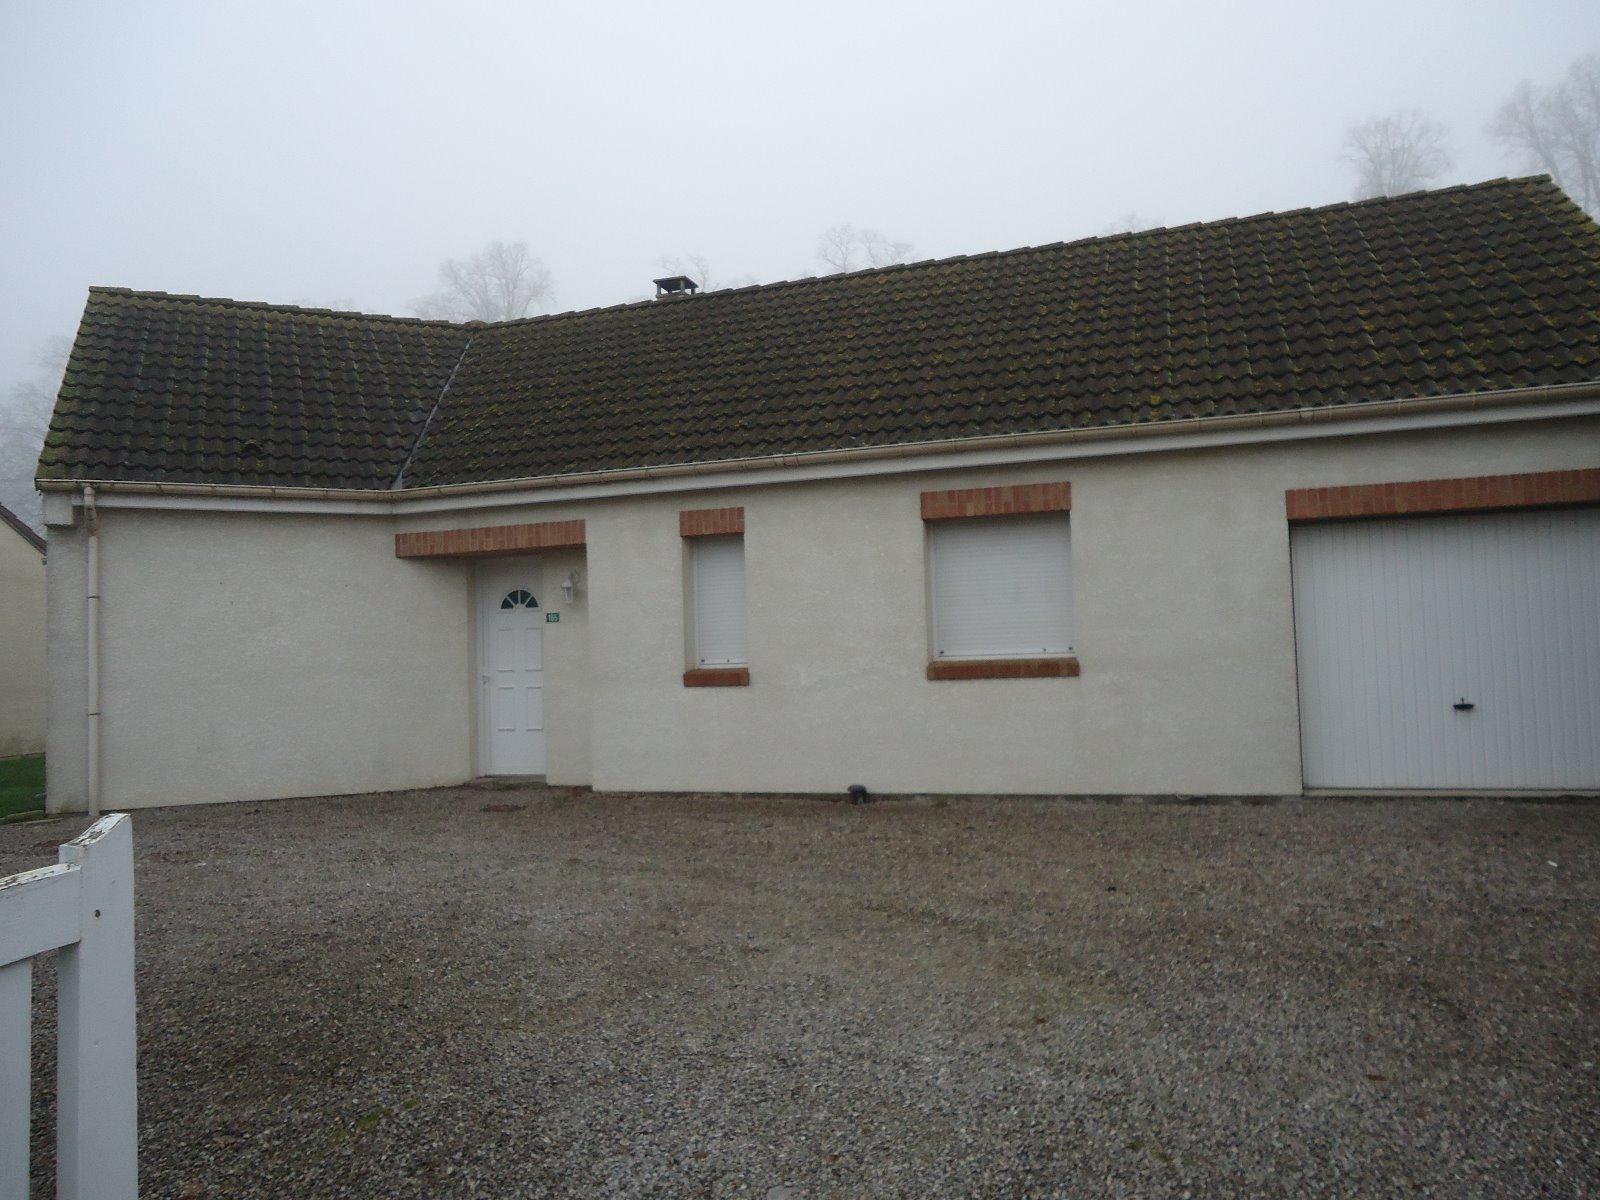 Vente maison/villa 4 pièces croix en ternois 62130